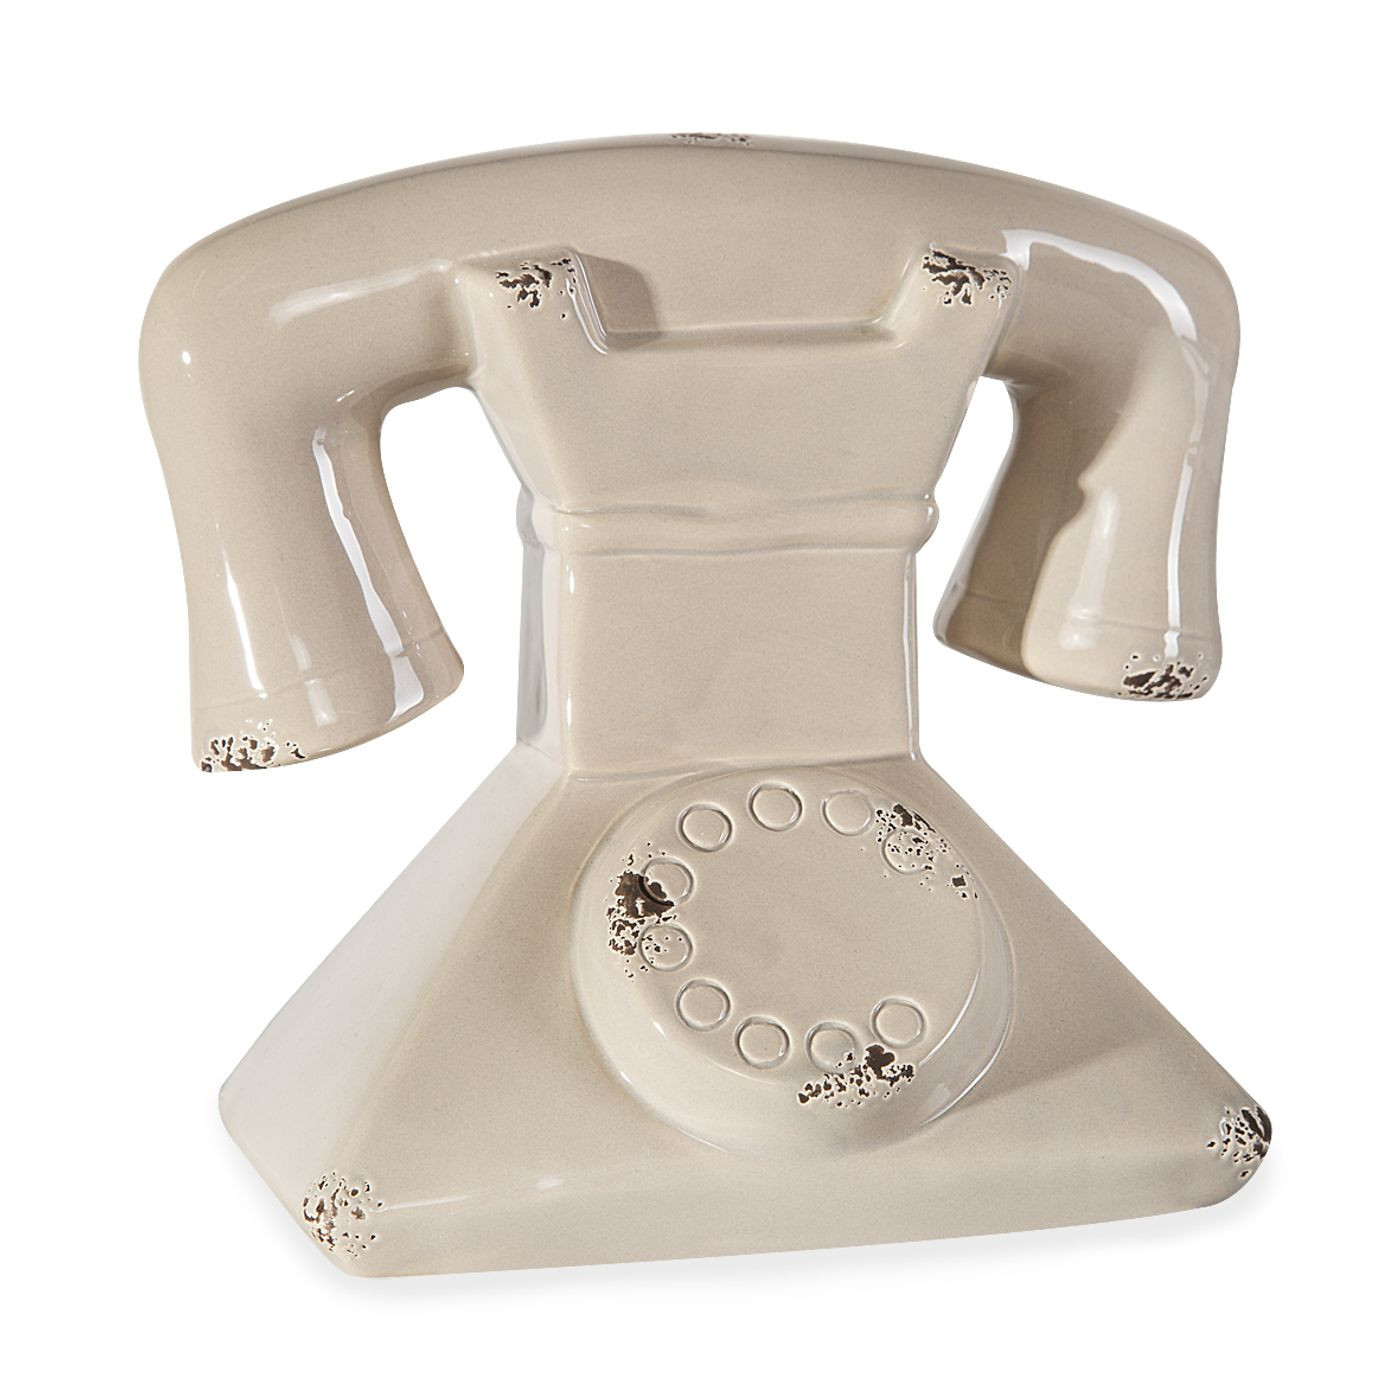 EVEREN CERAMICZNA FIGURKA DEKORACYJNA KOŁO TELEFON Z DOLOMITU 18x13x17 cm